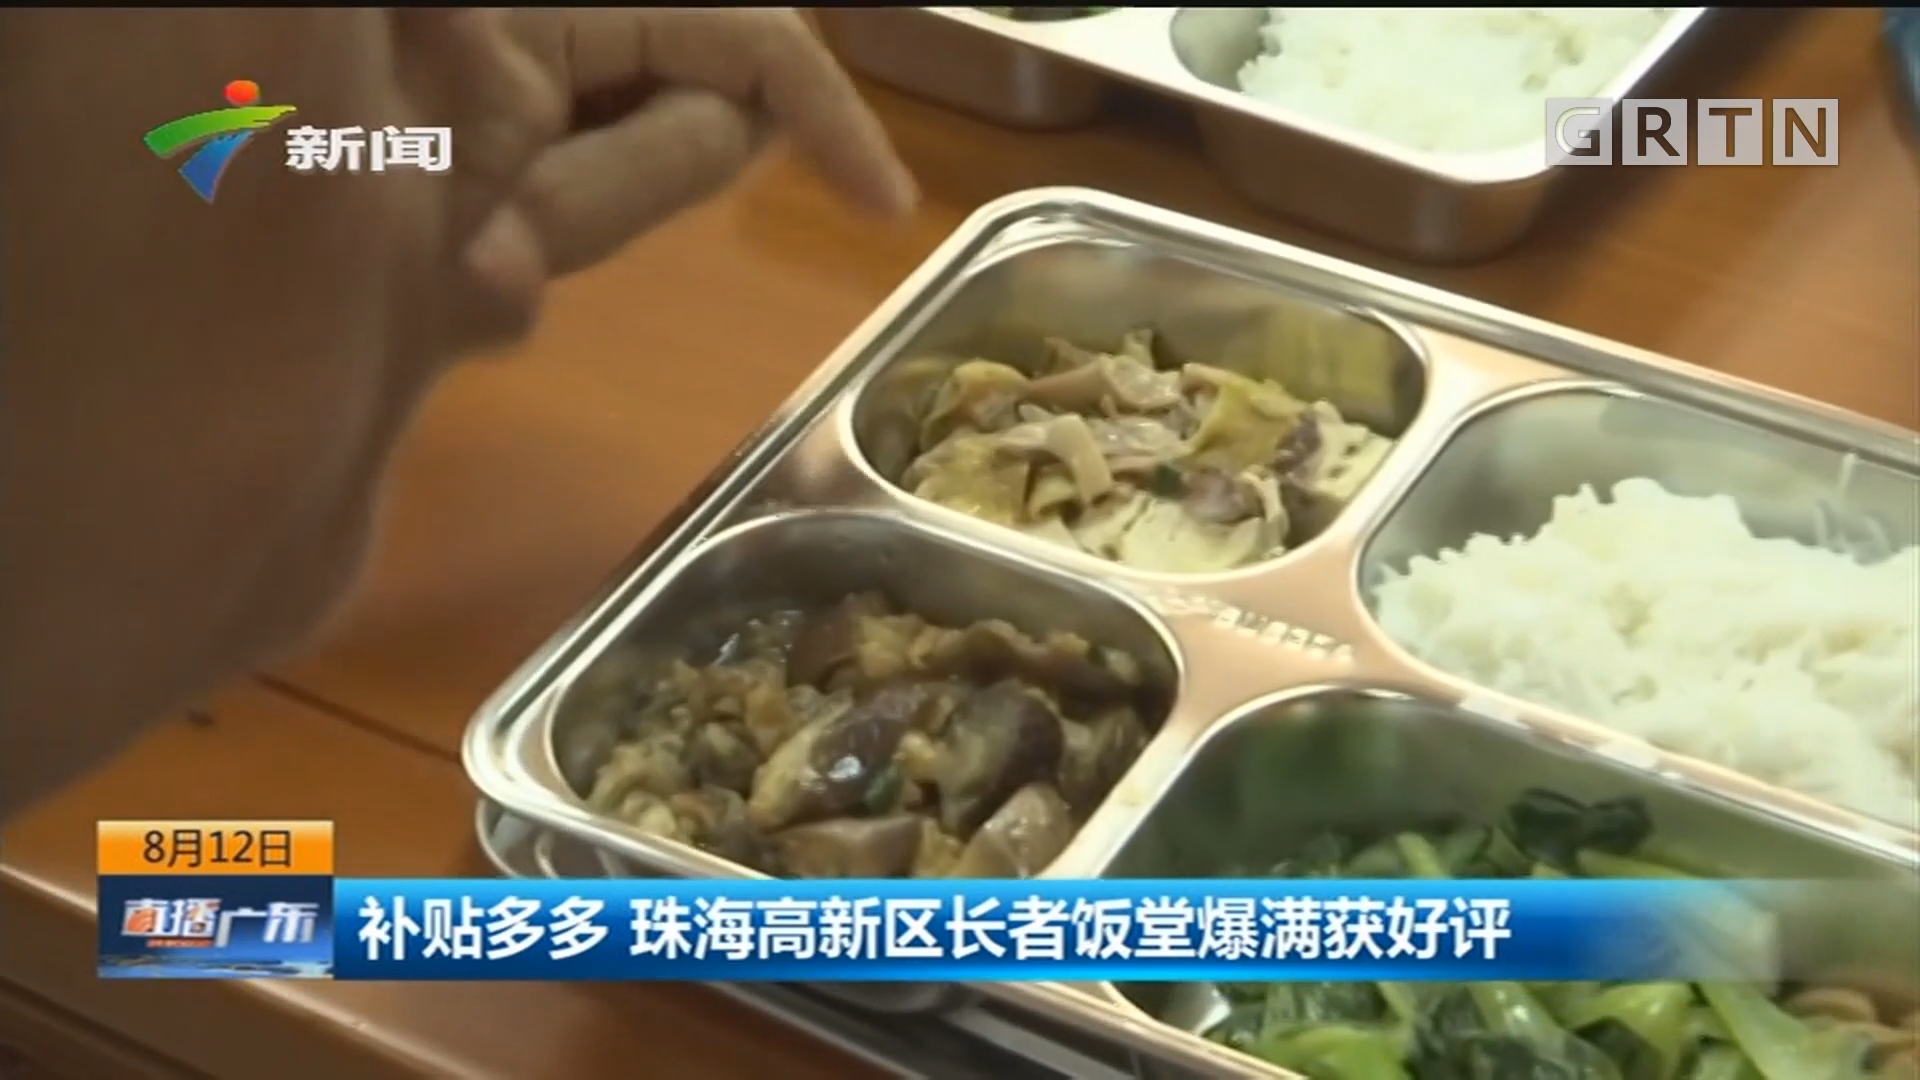 补贴多多 珠海高新区长者饭堂爆满获好评